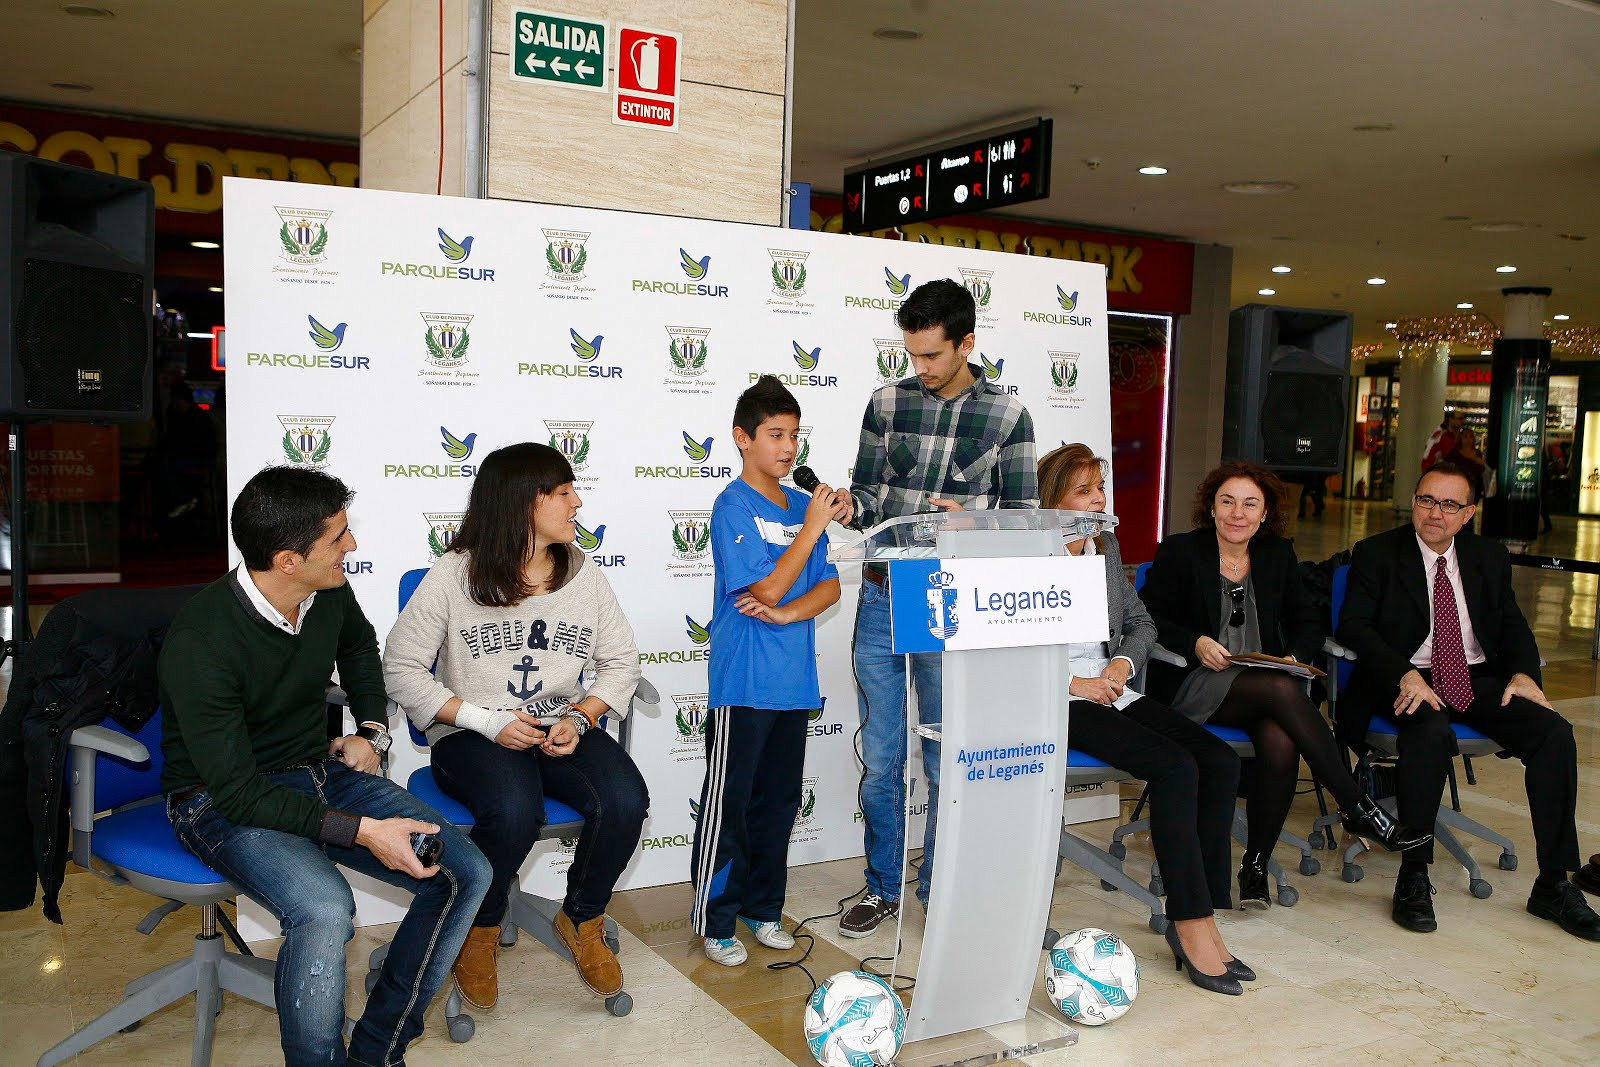 El club deportivo legan s ha presentado la quinta edici n - Proyecto club deportivo ...